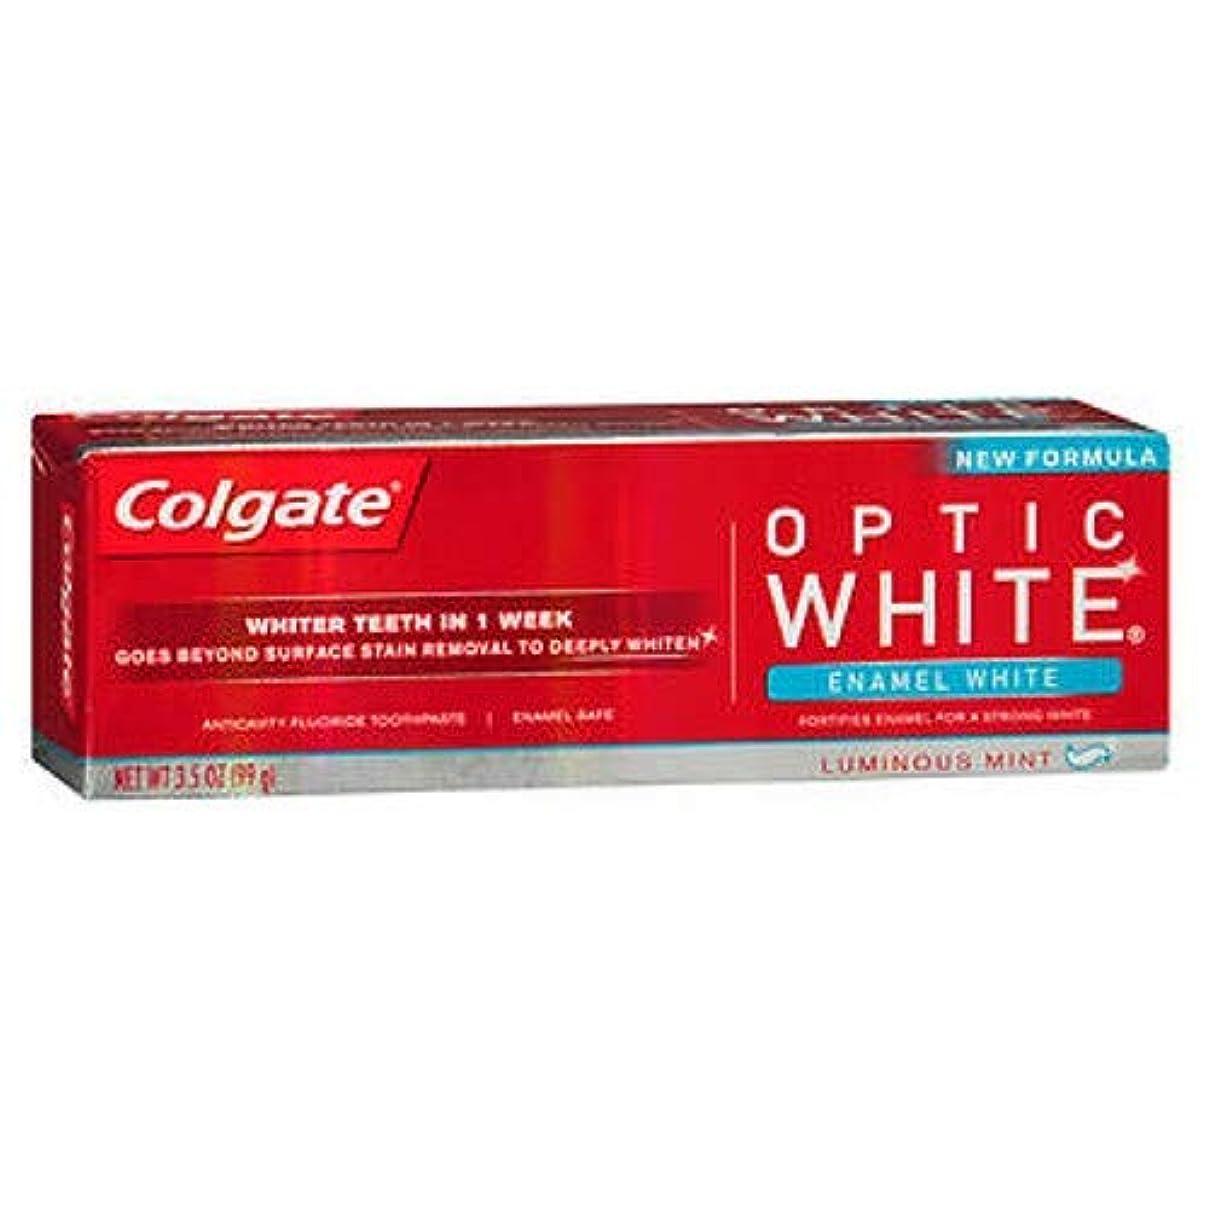 稚魚フォルダメドレーColgate オプティックホワイト虫歯予防フッ素の歯磨き粉、エナメルホワイト、ルミナスミント3.5オンス(3パック) 3パック